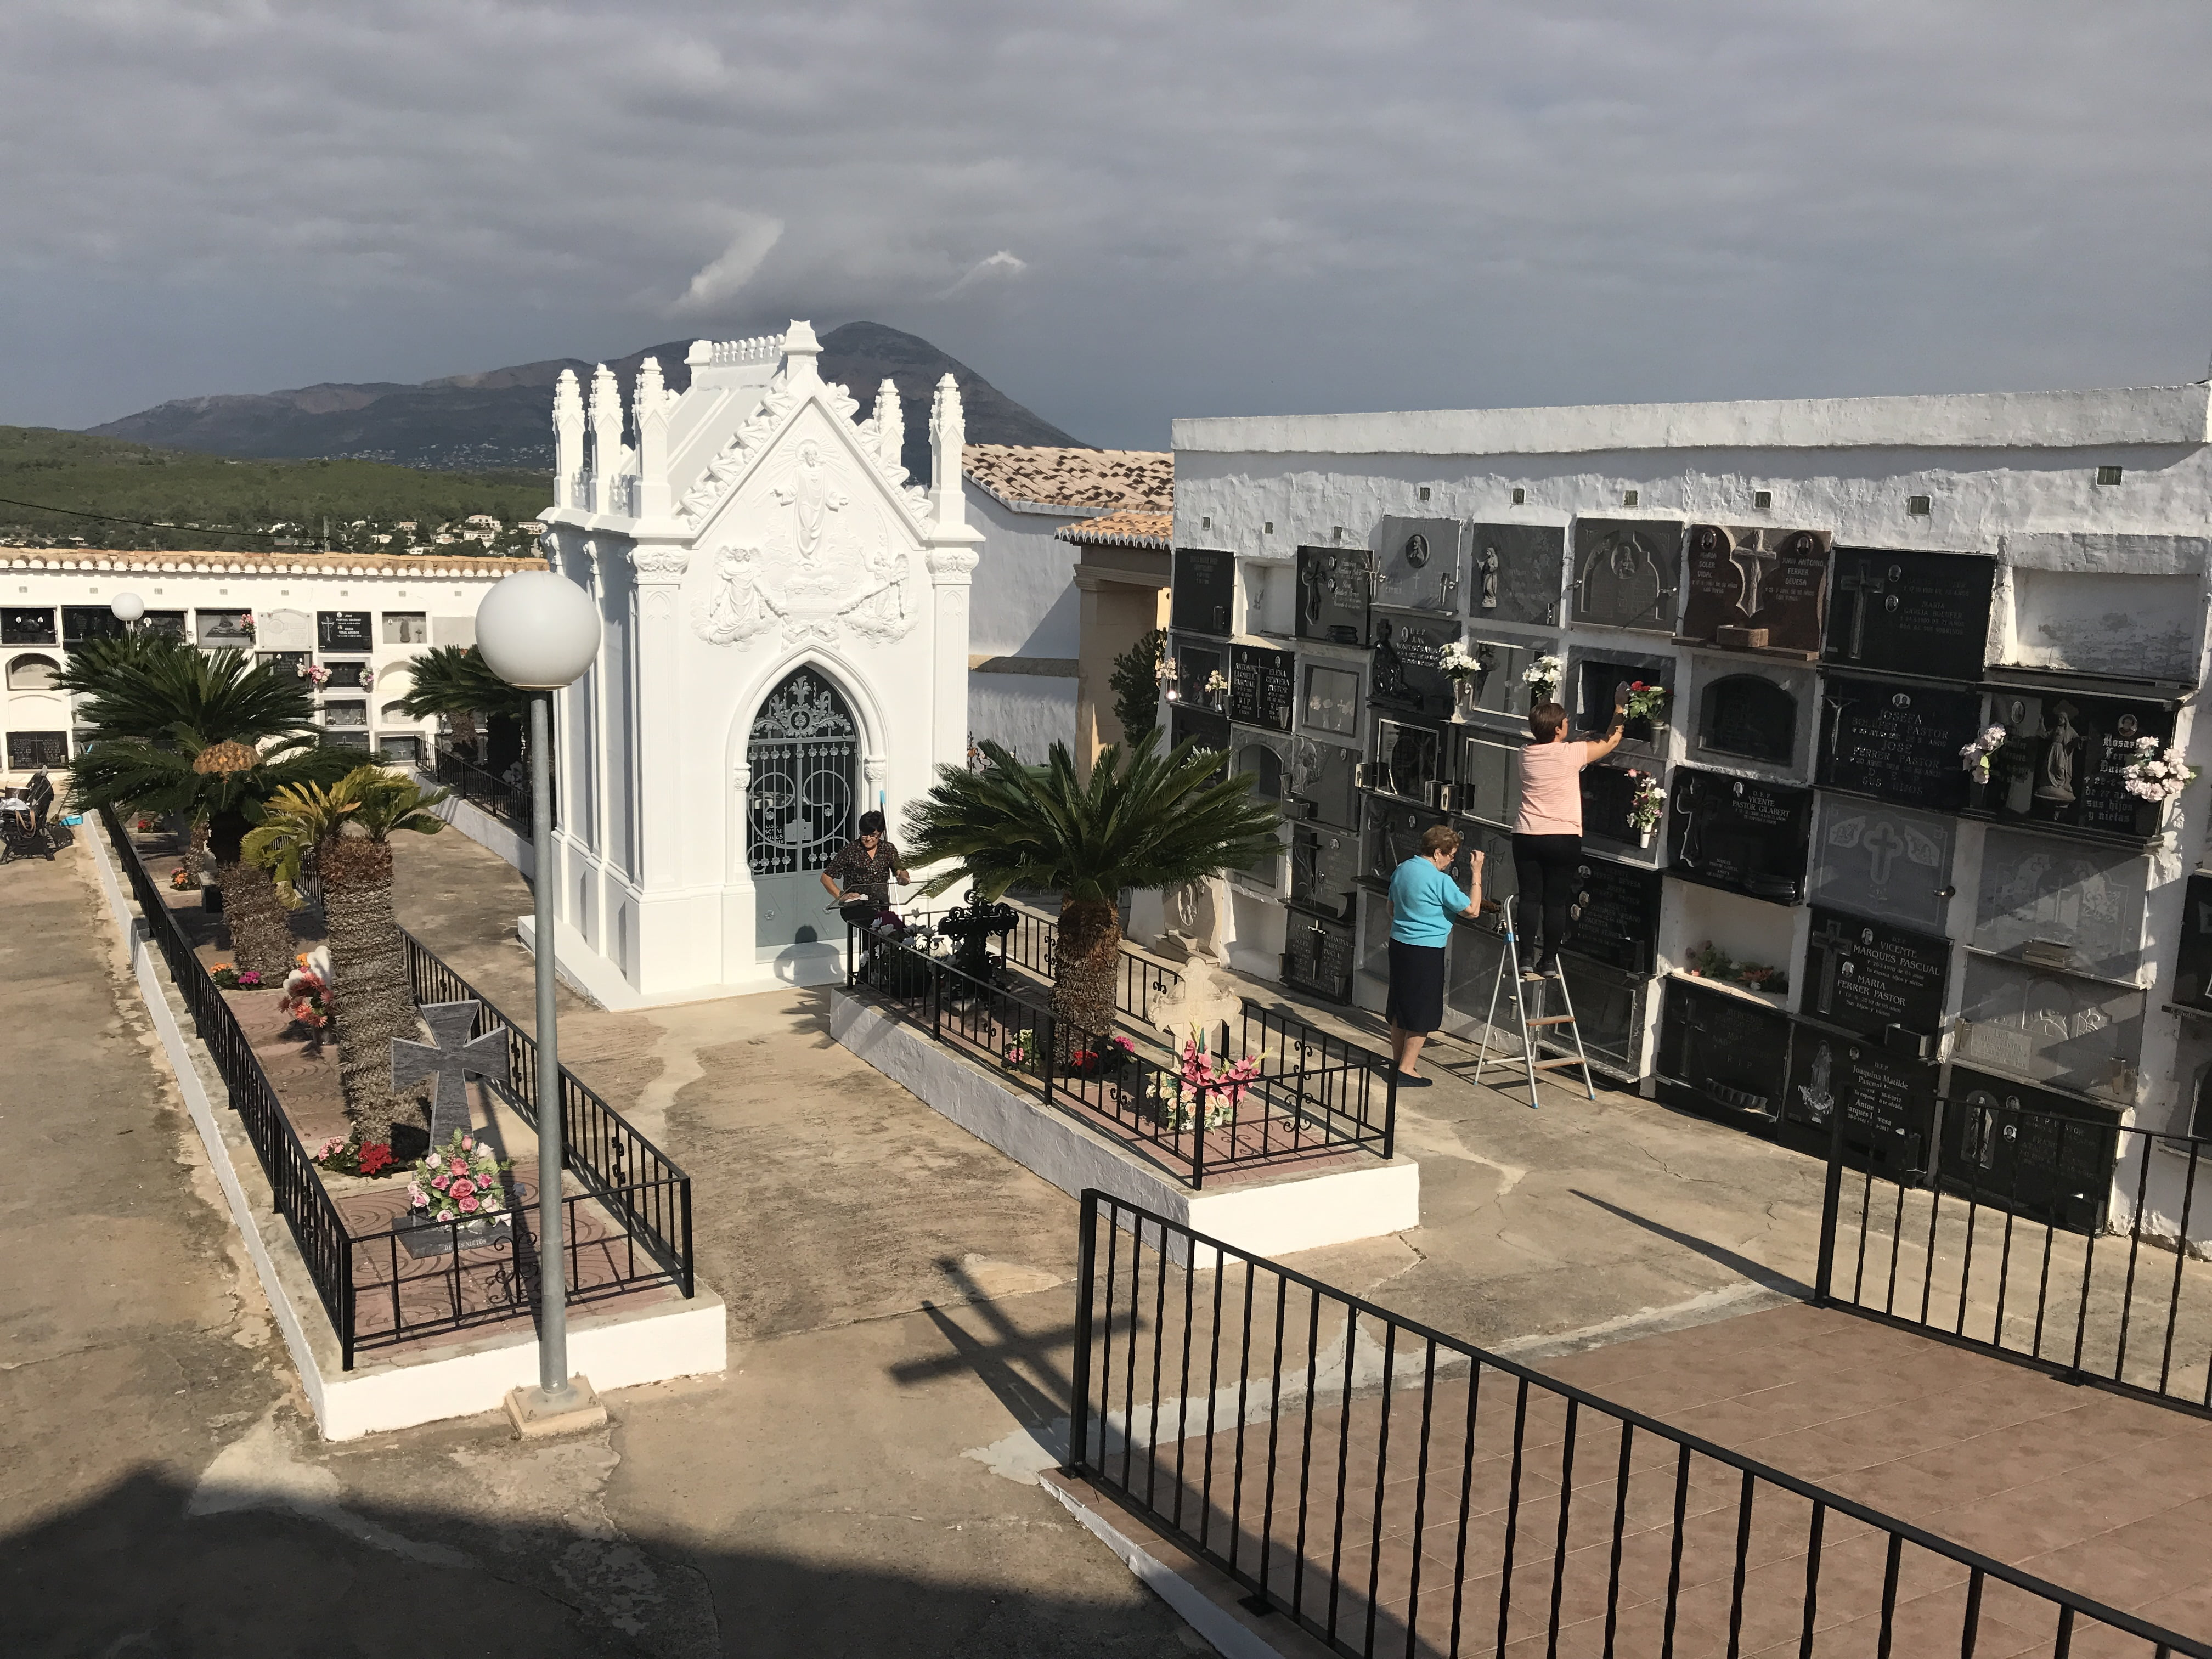 Cementerio de El Poble Nou de Benitatxell